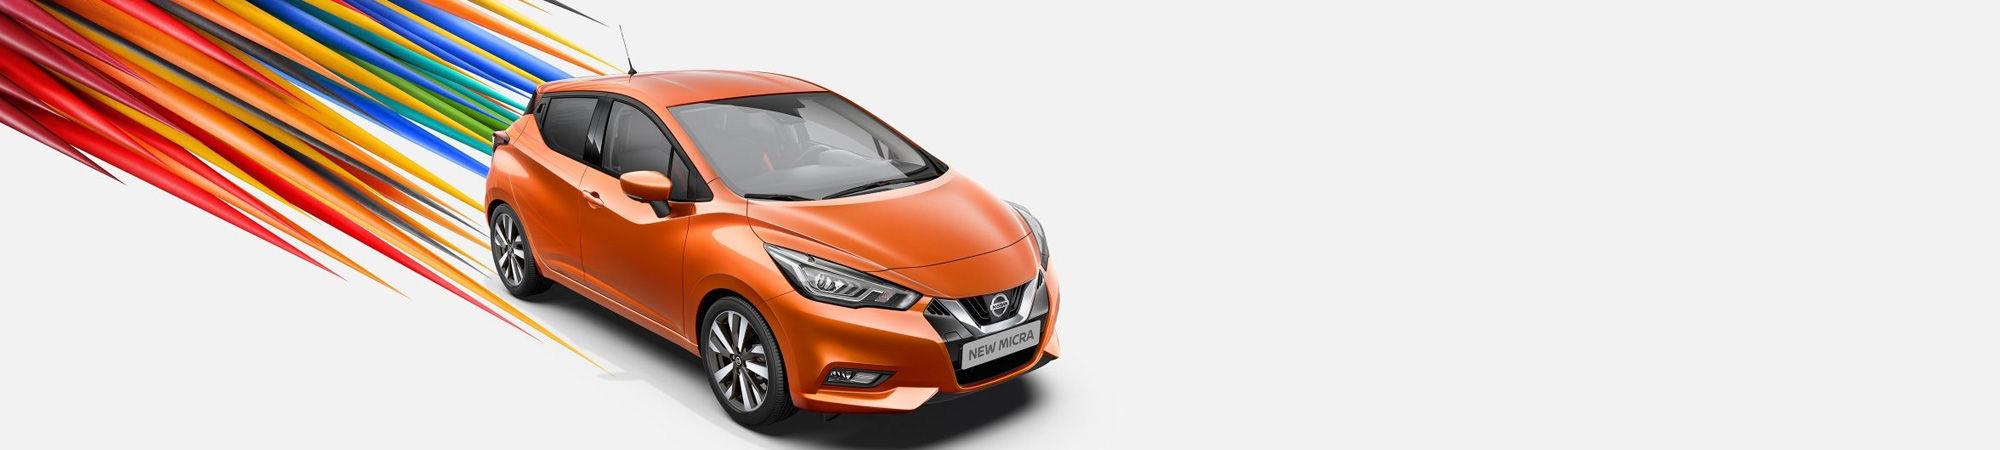 Meiltä löydät kaikki Nissan mallit.